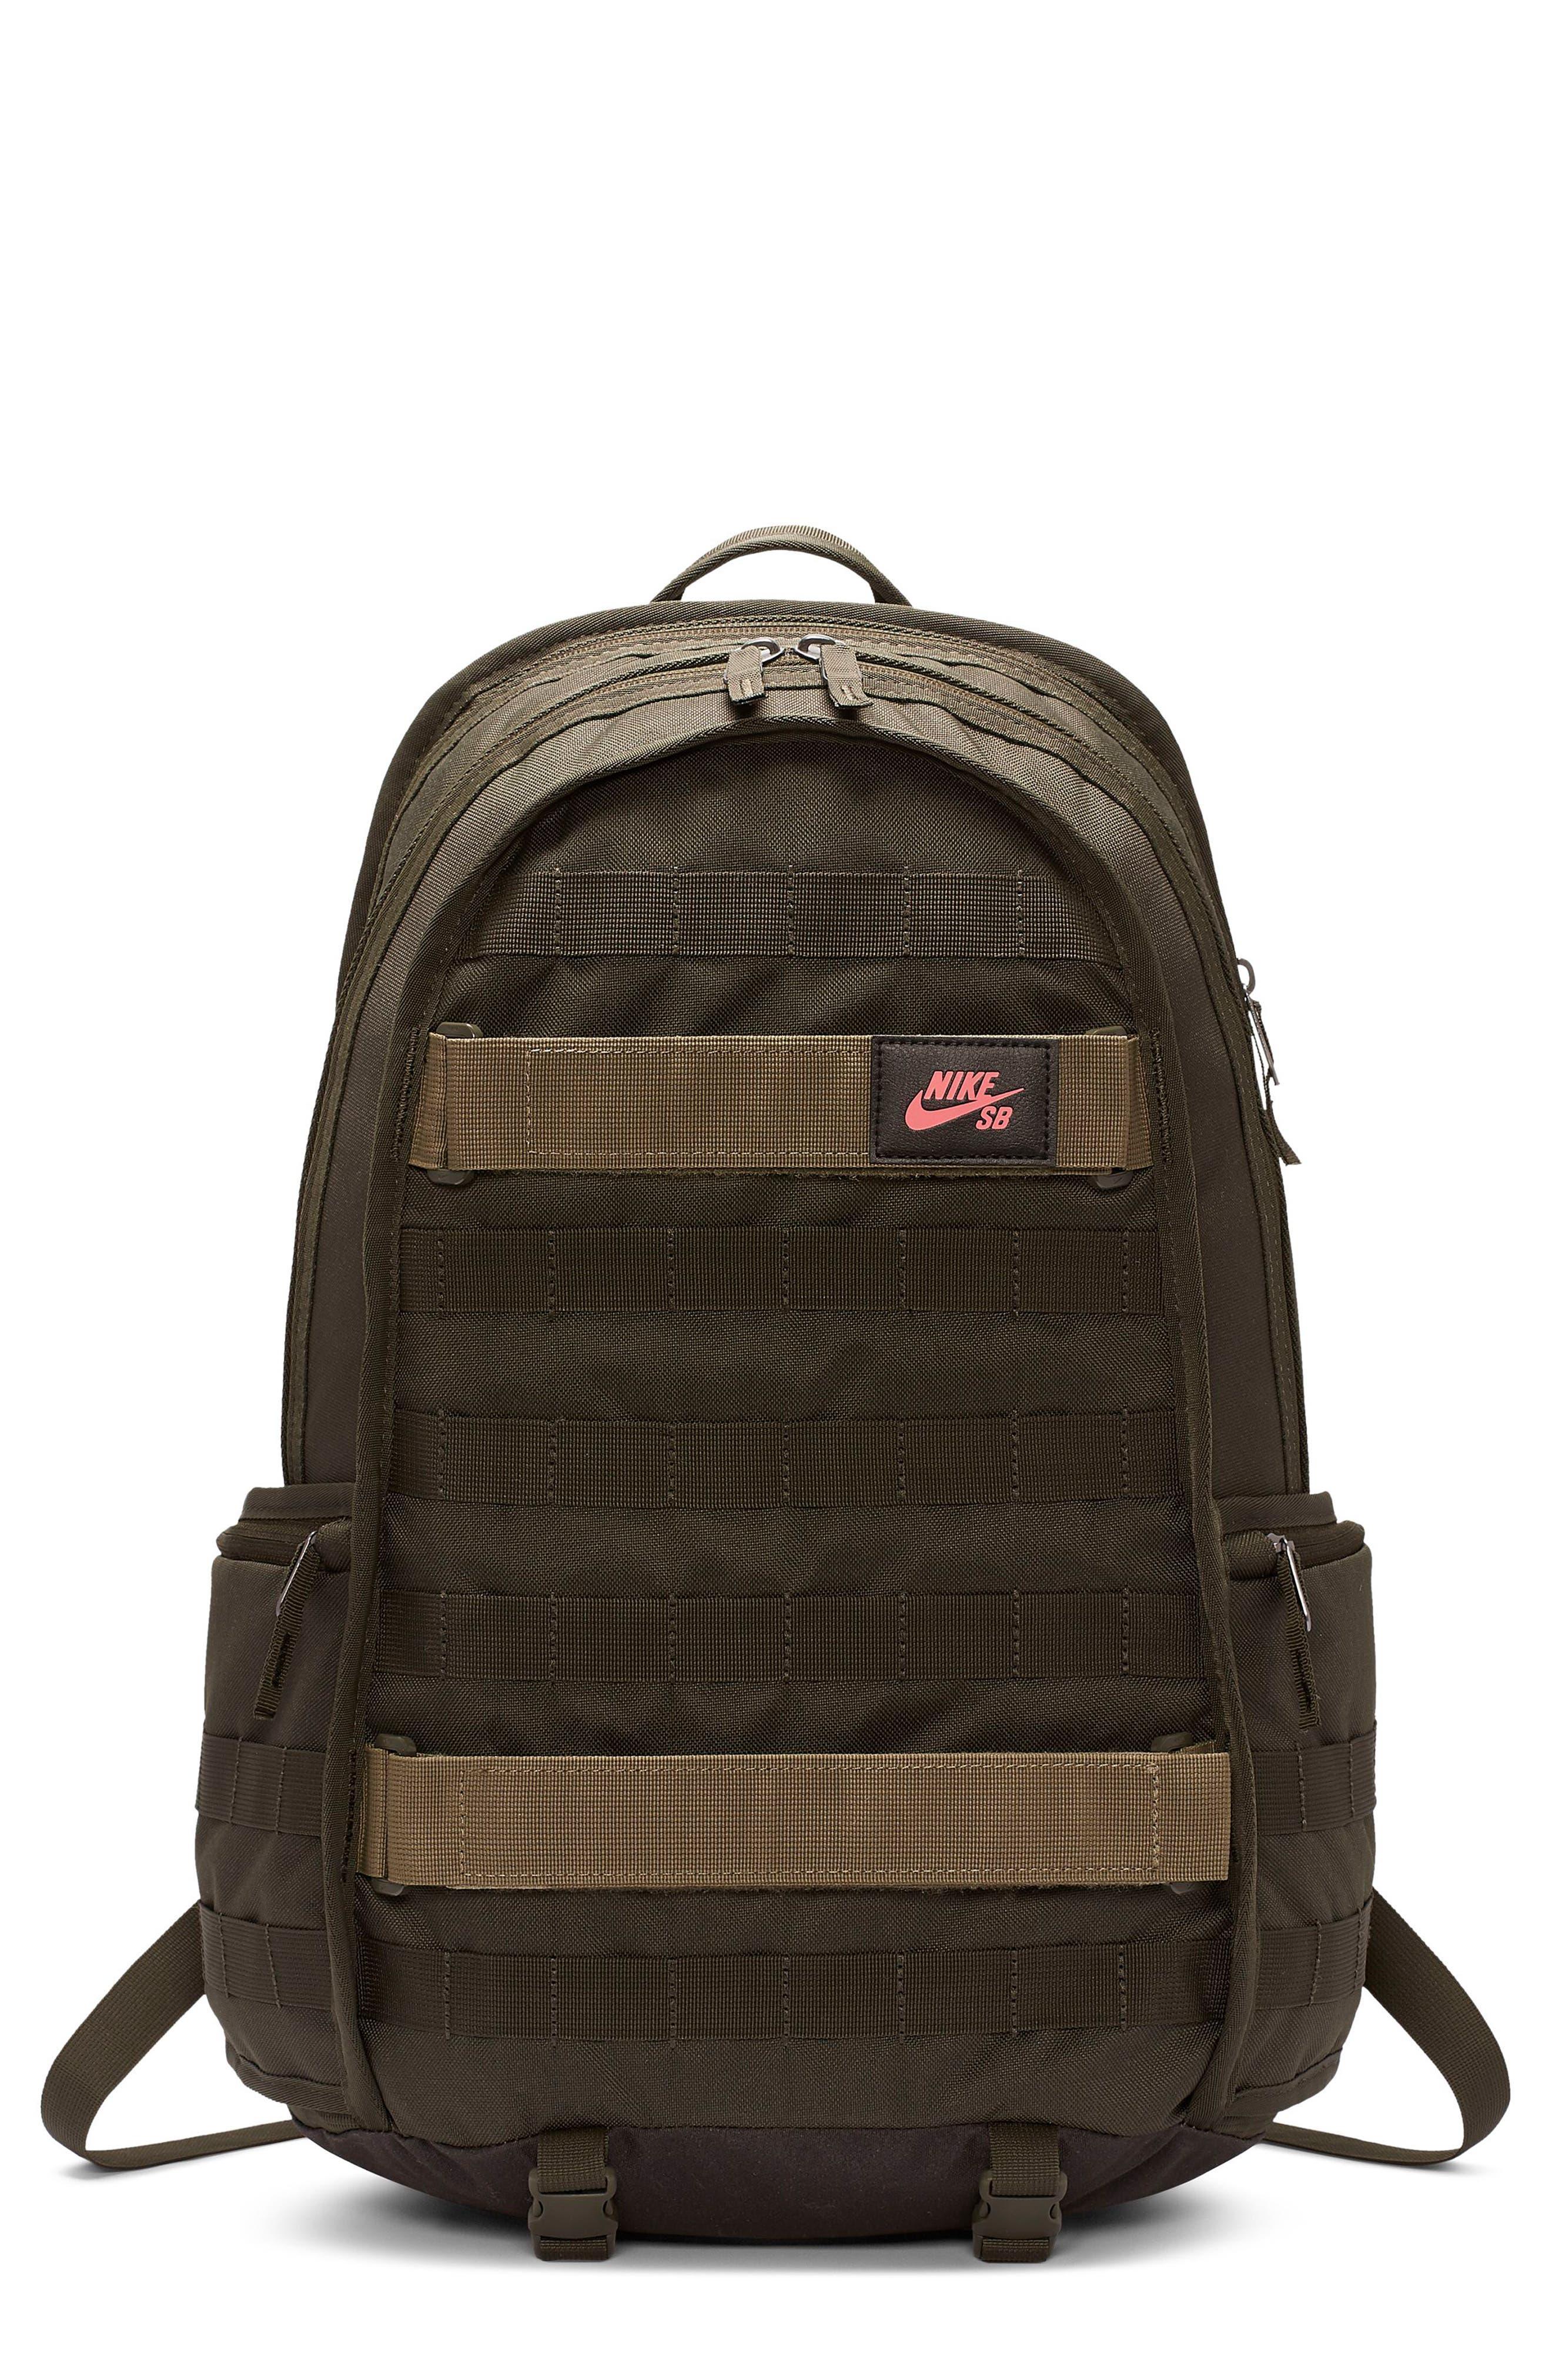 Nike Sb Rpm Backpack - Green